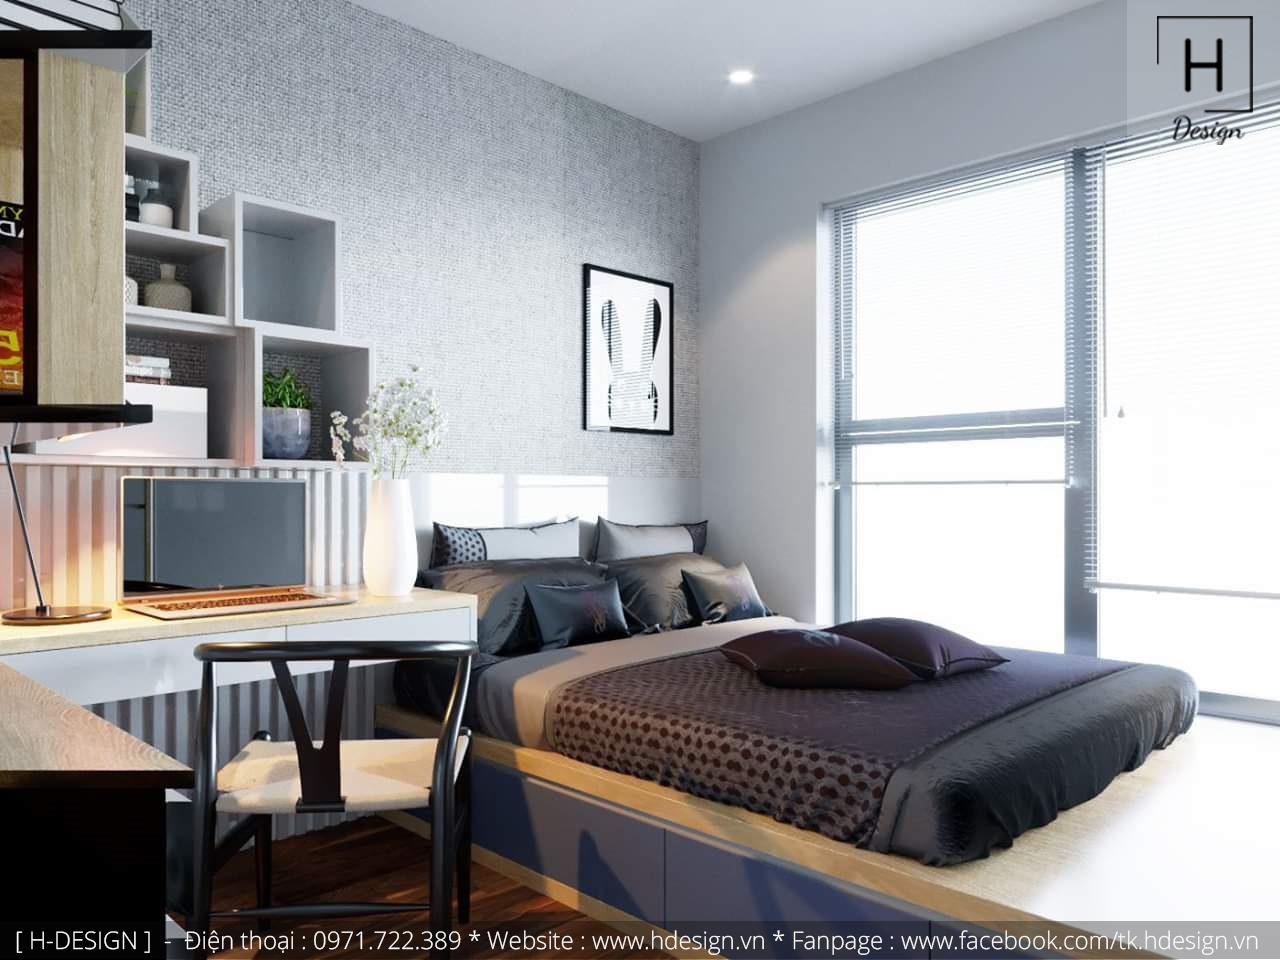 Thiết kế thi công nội thất phòng ngủ căn hộ chung cư 2 phòng ngủ đẹp